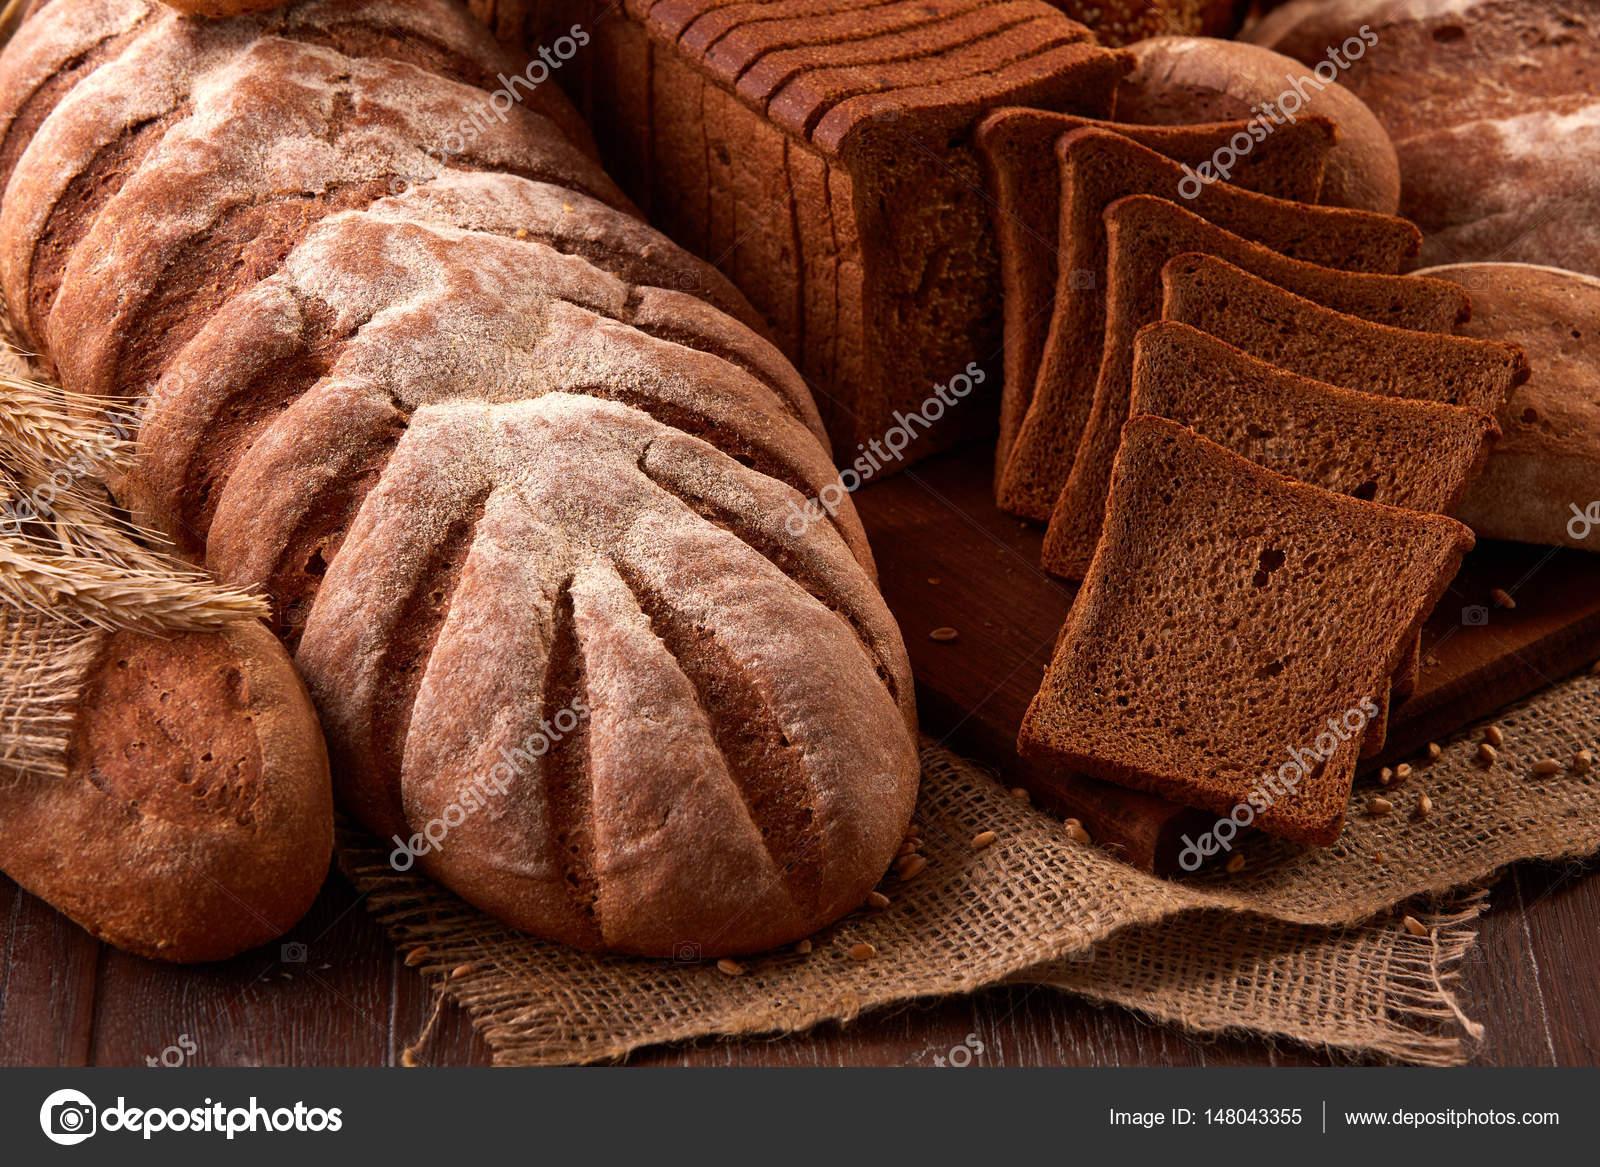 나무 테이블에 삼 베에 빵의 다른 종류. 주방 또는 베이커리 ...